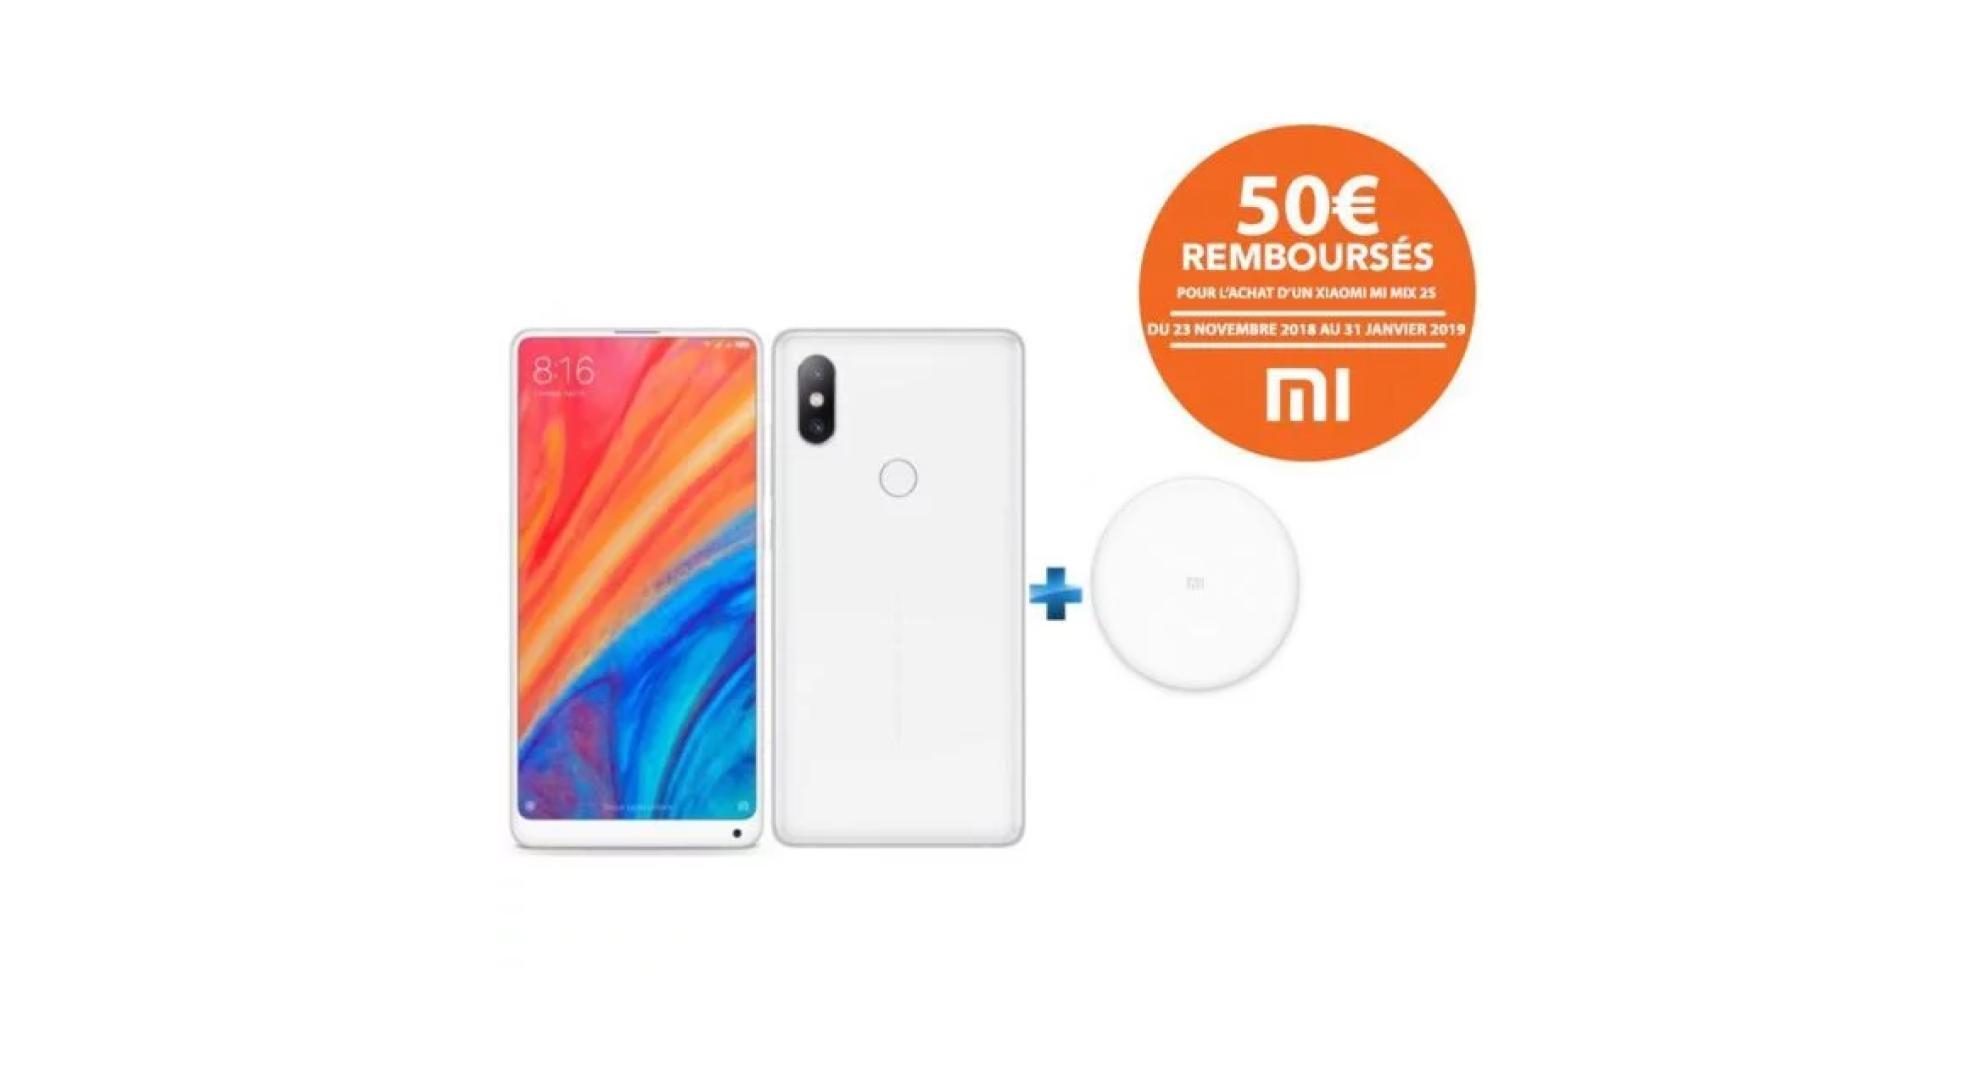 🔥 Bon plan : le Xiaomi Mi Mix 2S (avec chargeur induction) tombe à 299 euros avec ce code promo